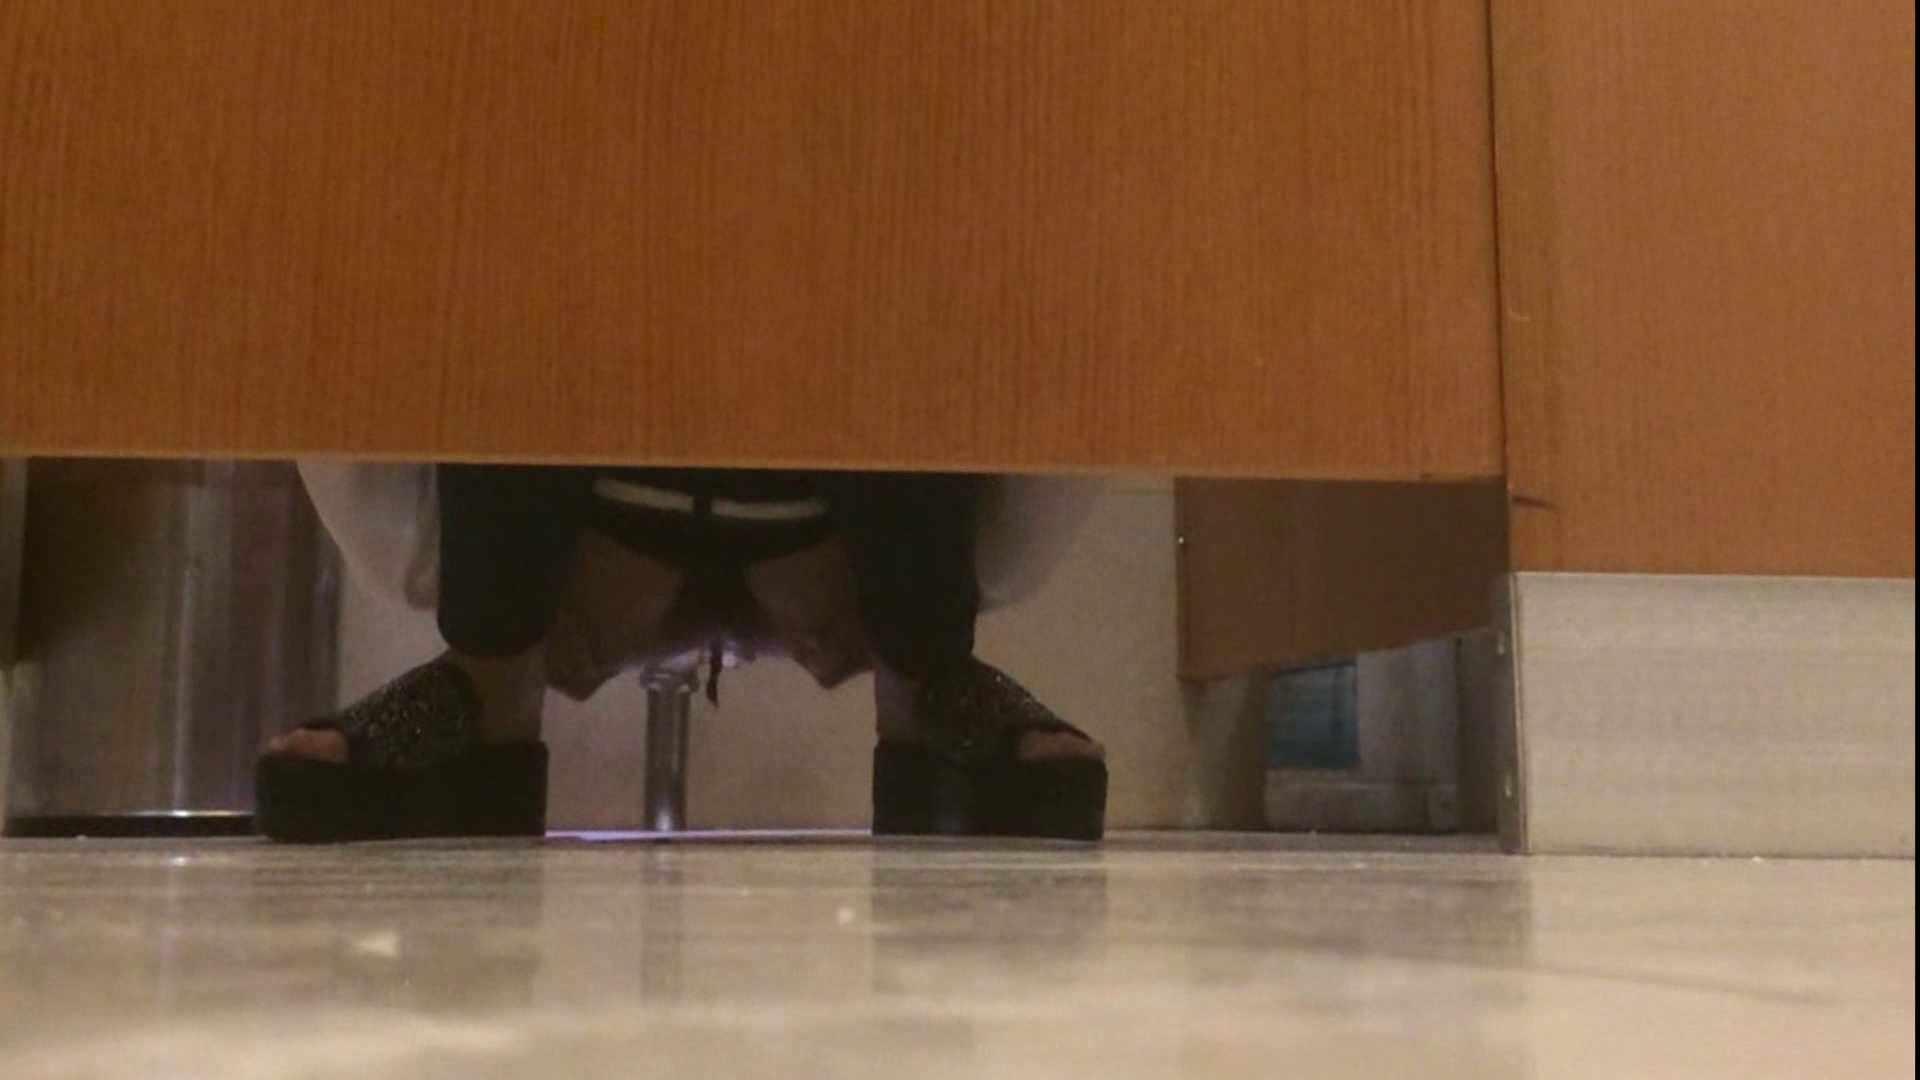 「噂」の国の厠観察日記2 Vol.14 厠 盗み撮りオマンコ動画キャプチャ 61画像 44